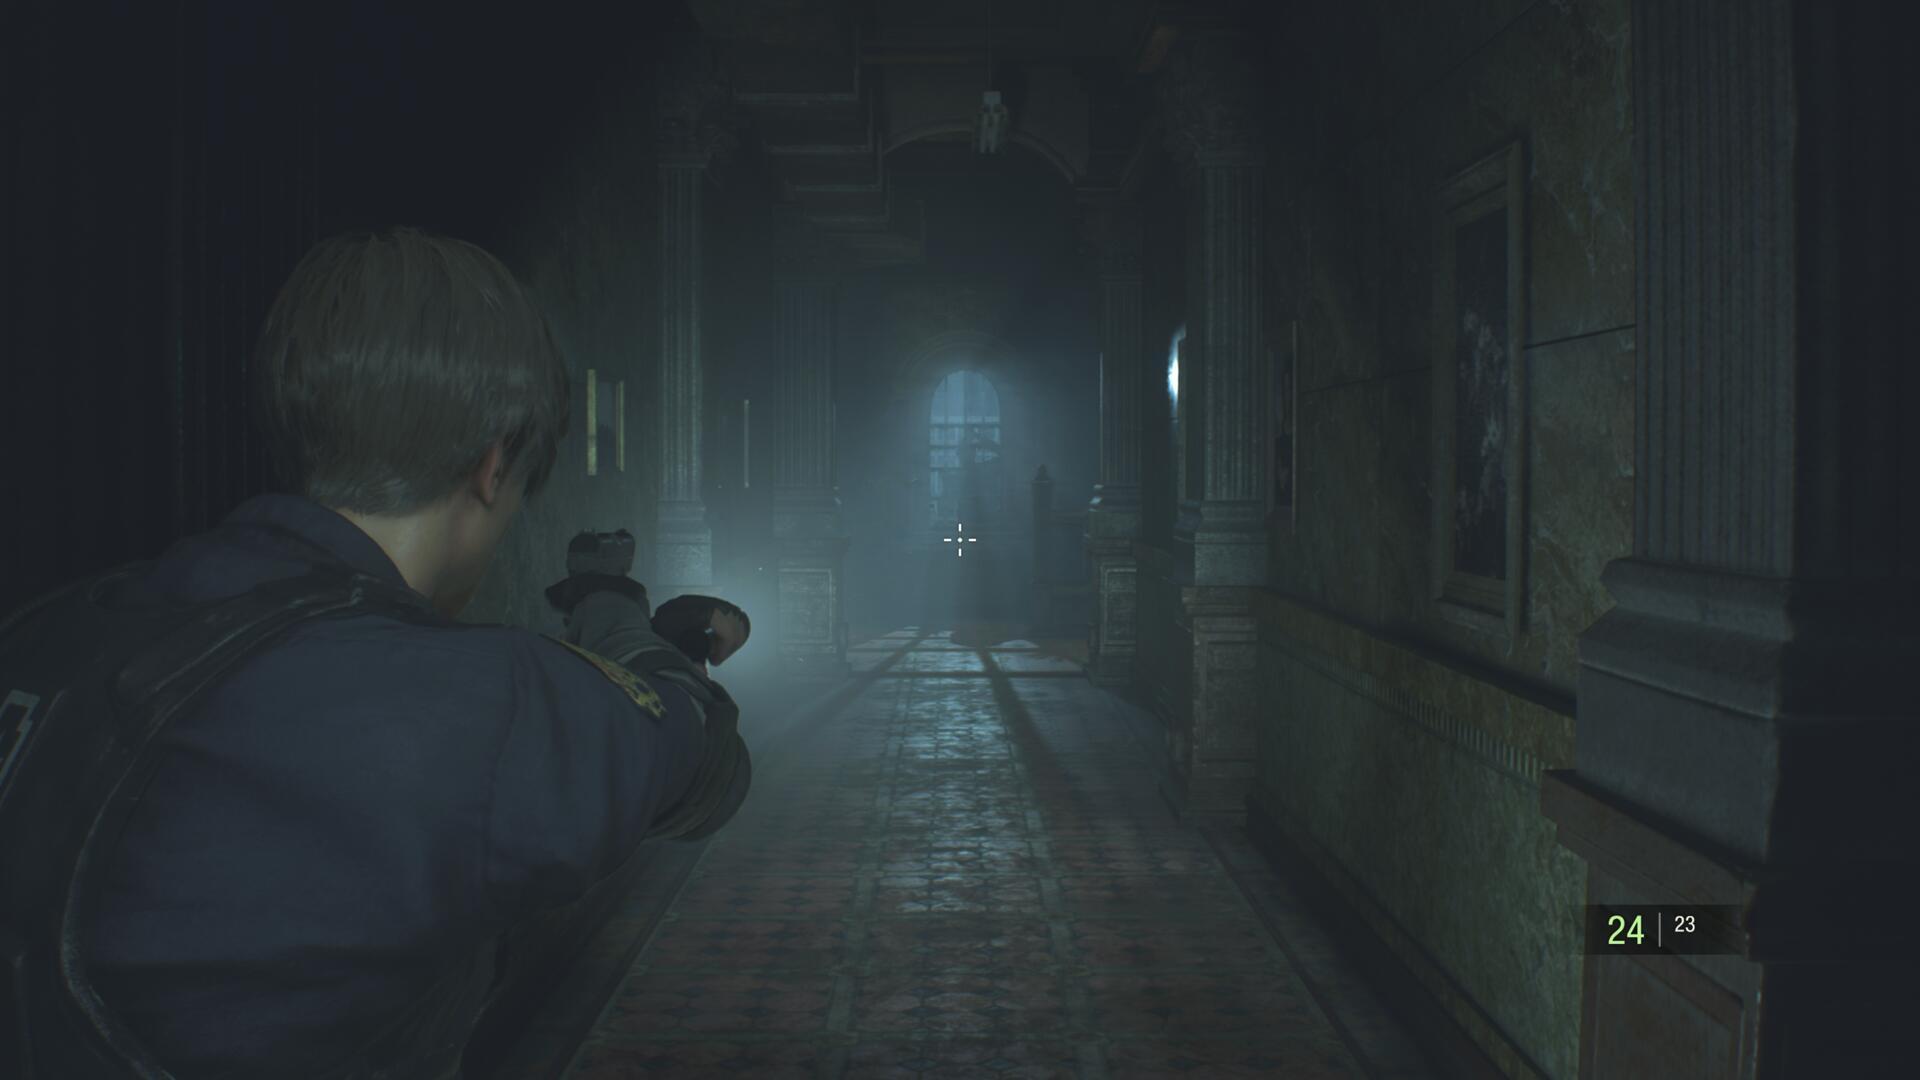 Resident Evil 2, Resident Evil 2 Remake, Resident Evil 2 2019, Delfos